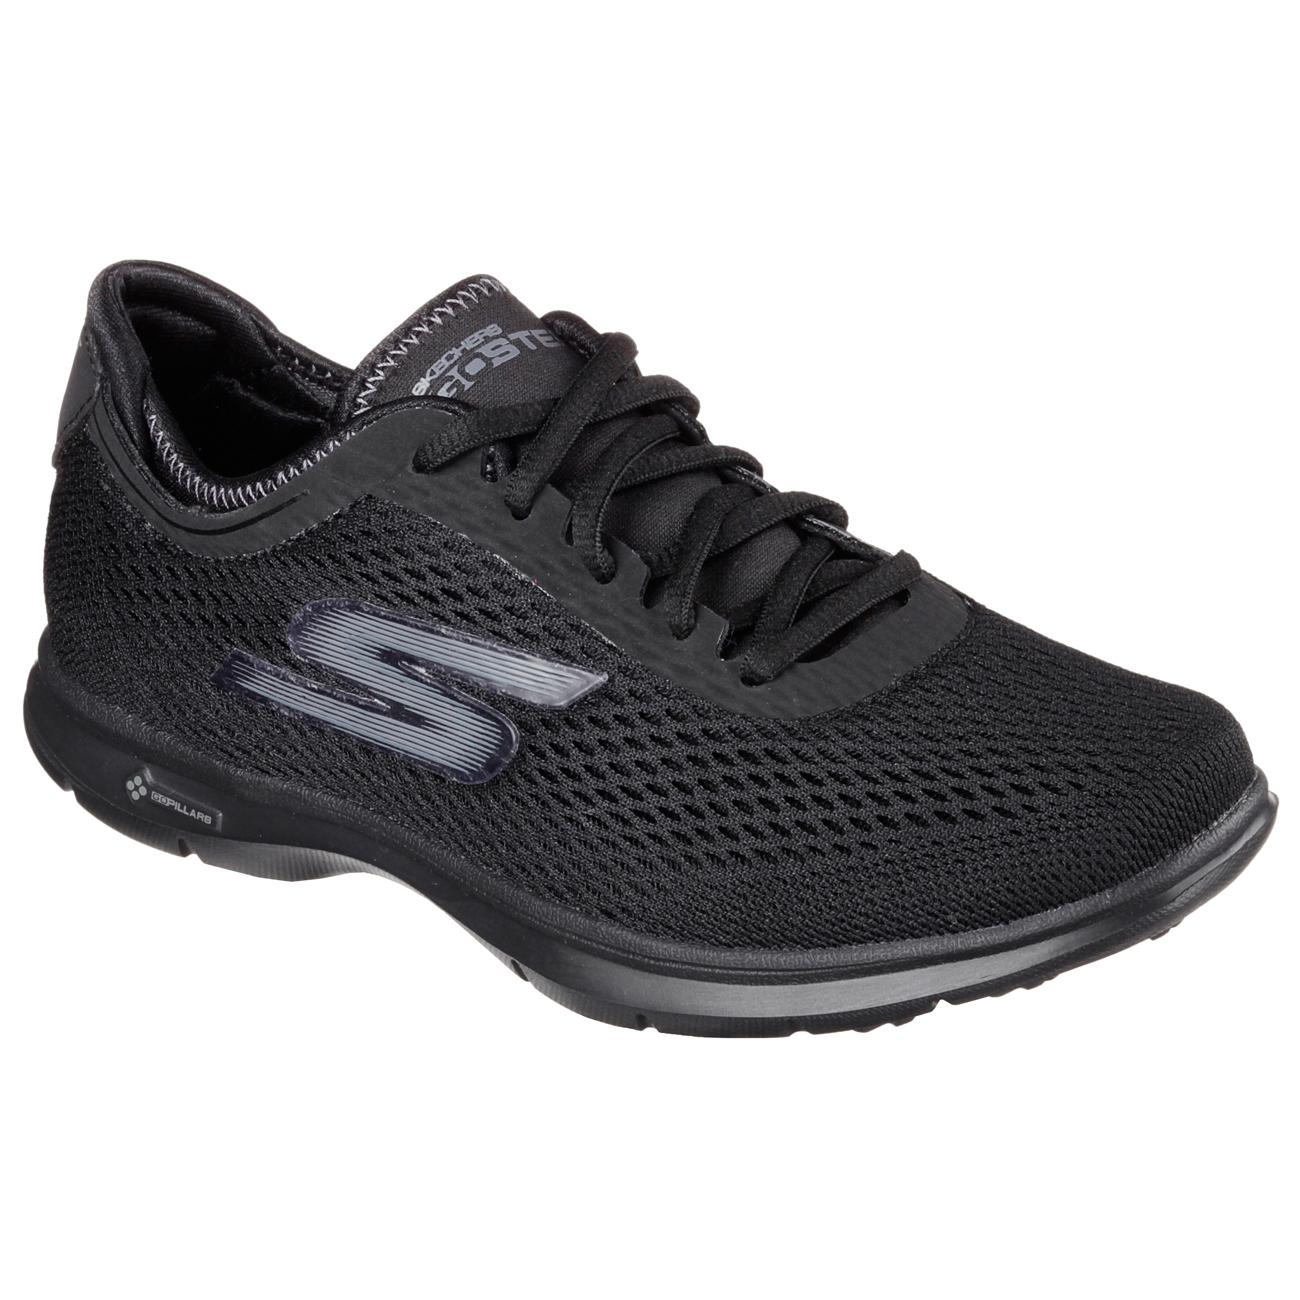 Skechers Go Step Sport Ladies Athletic Shoes  3.5 UK